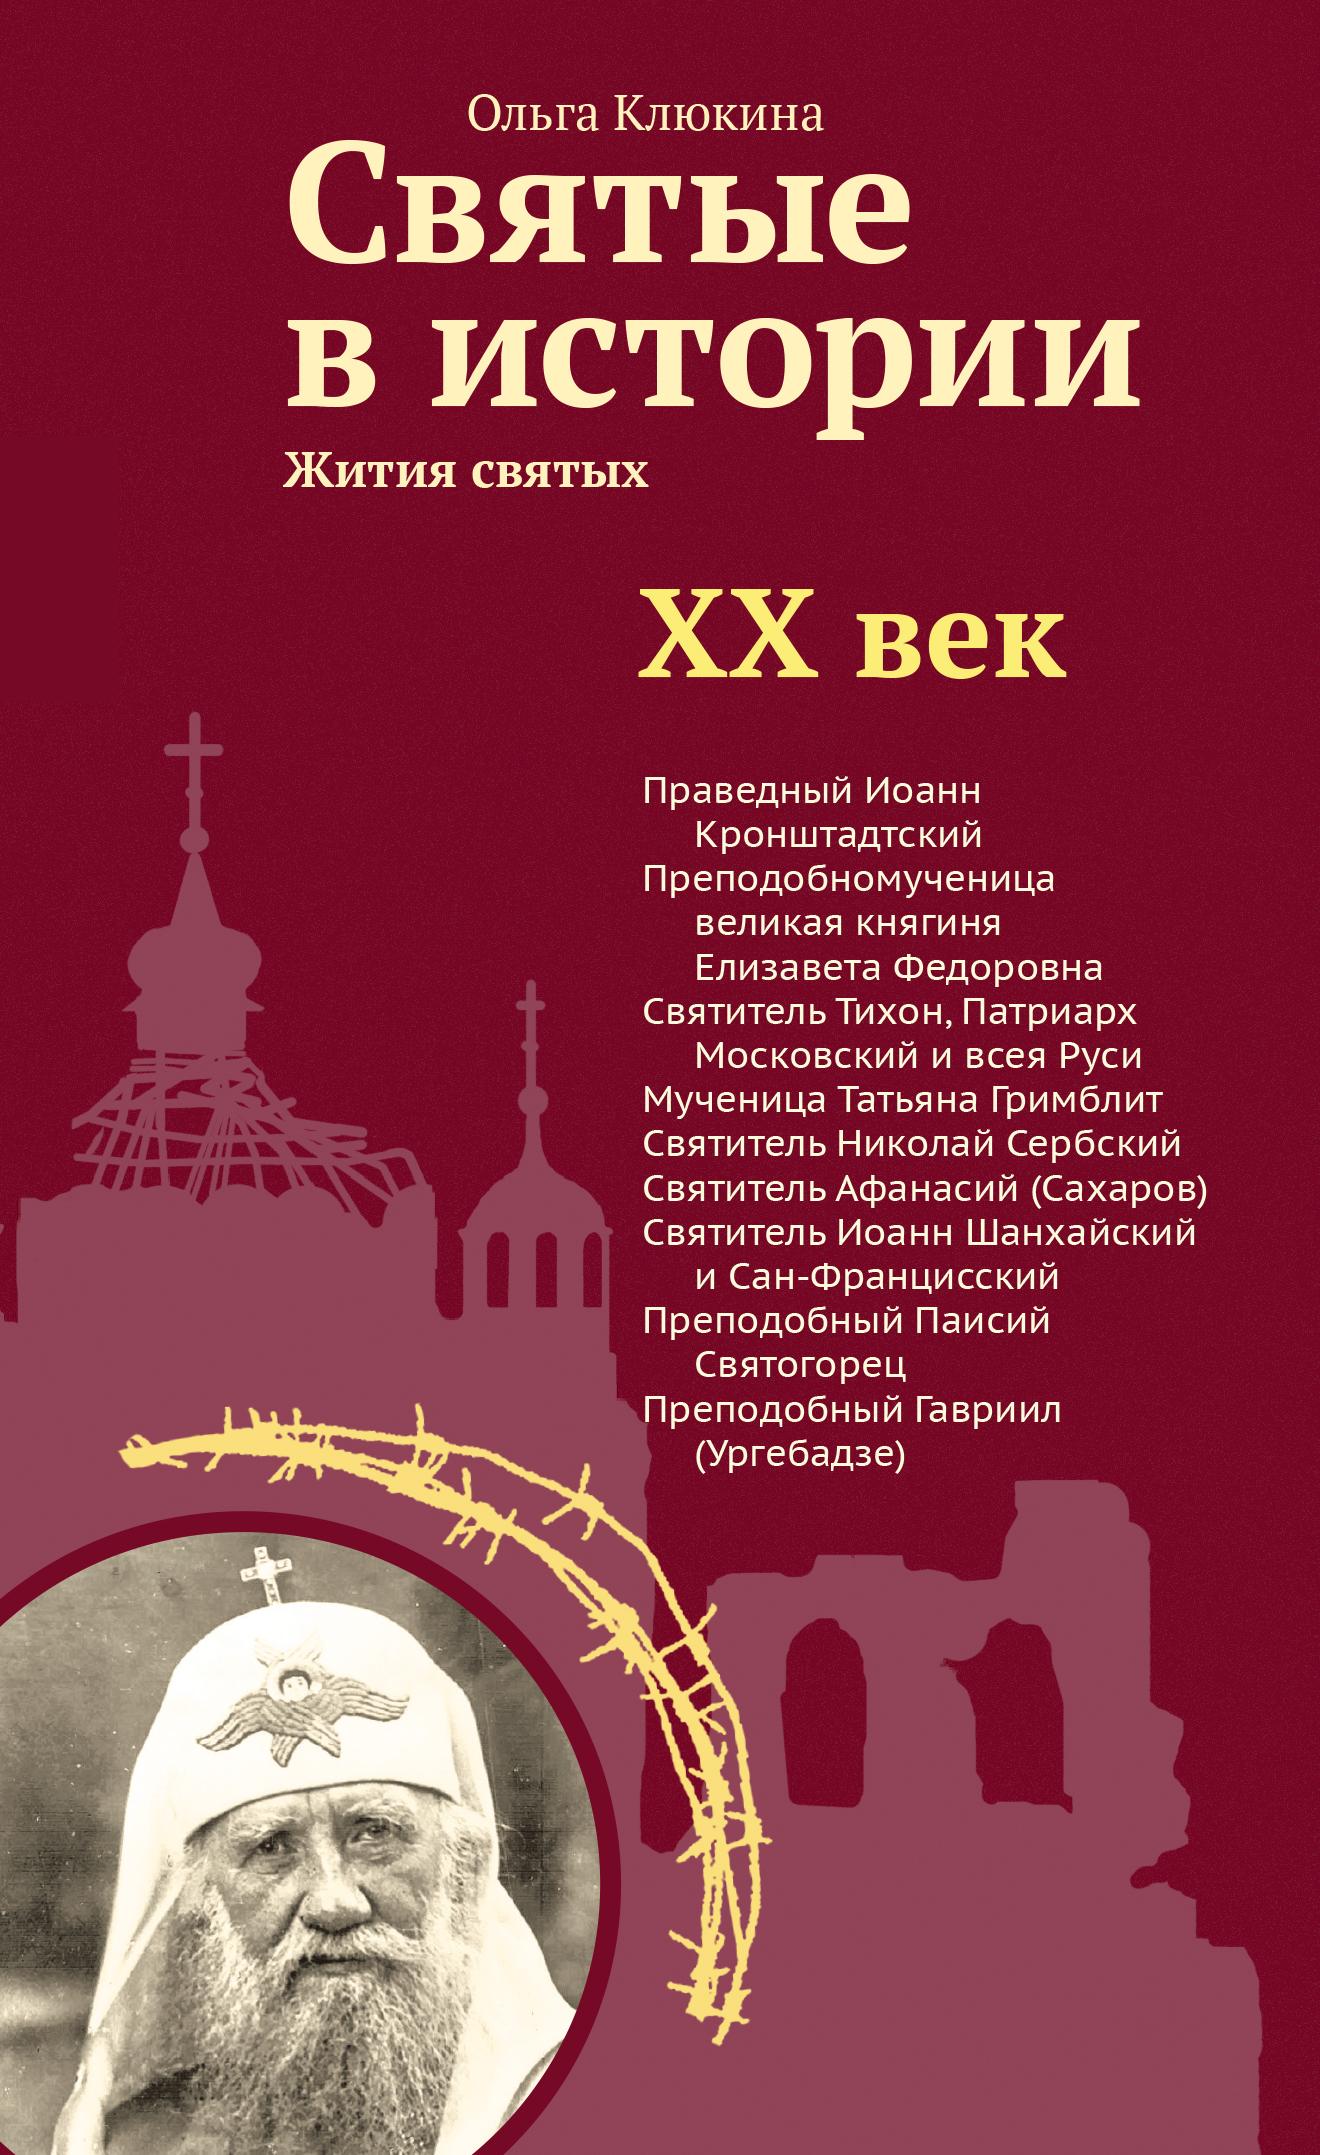 Святые в истории. Жития святых в новом формате. XX век